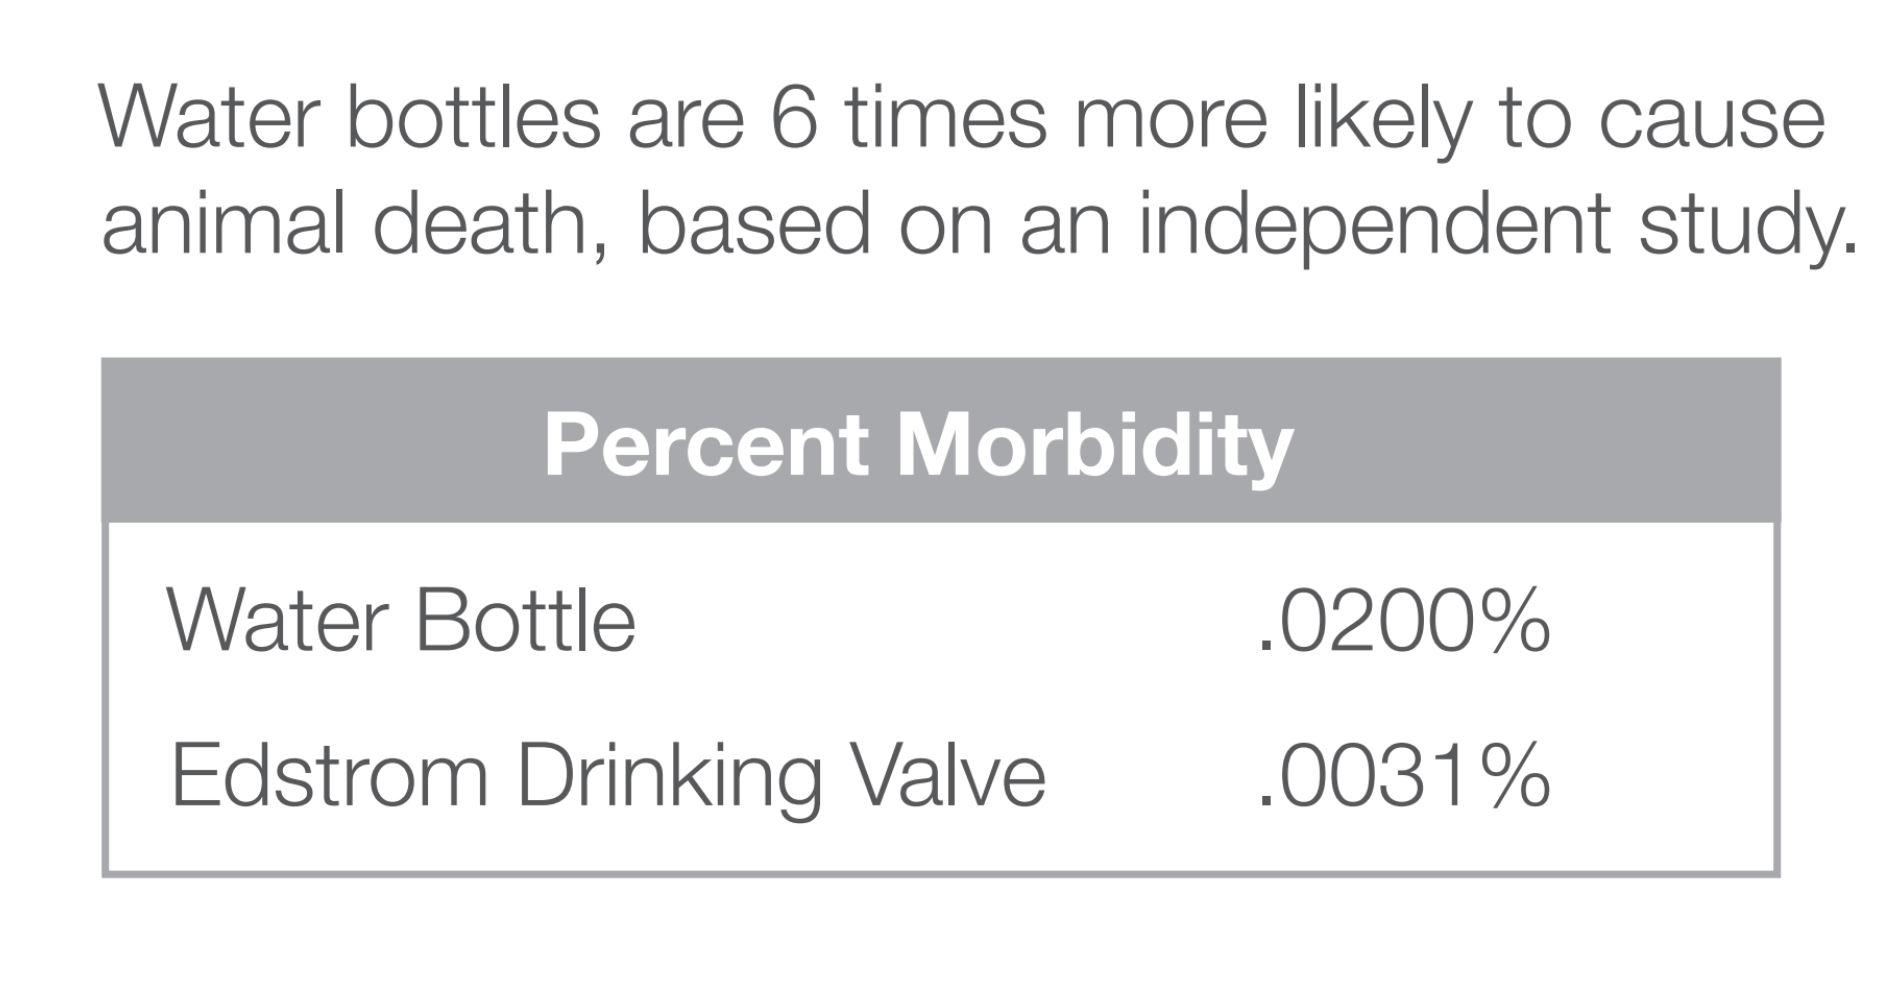 Bottles Vs Valves